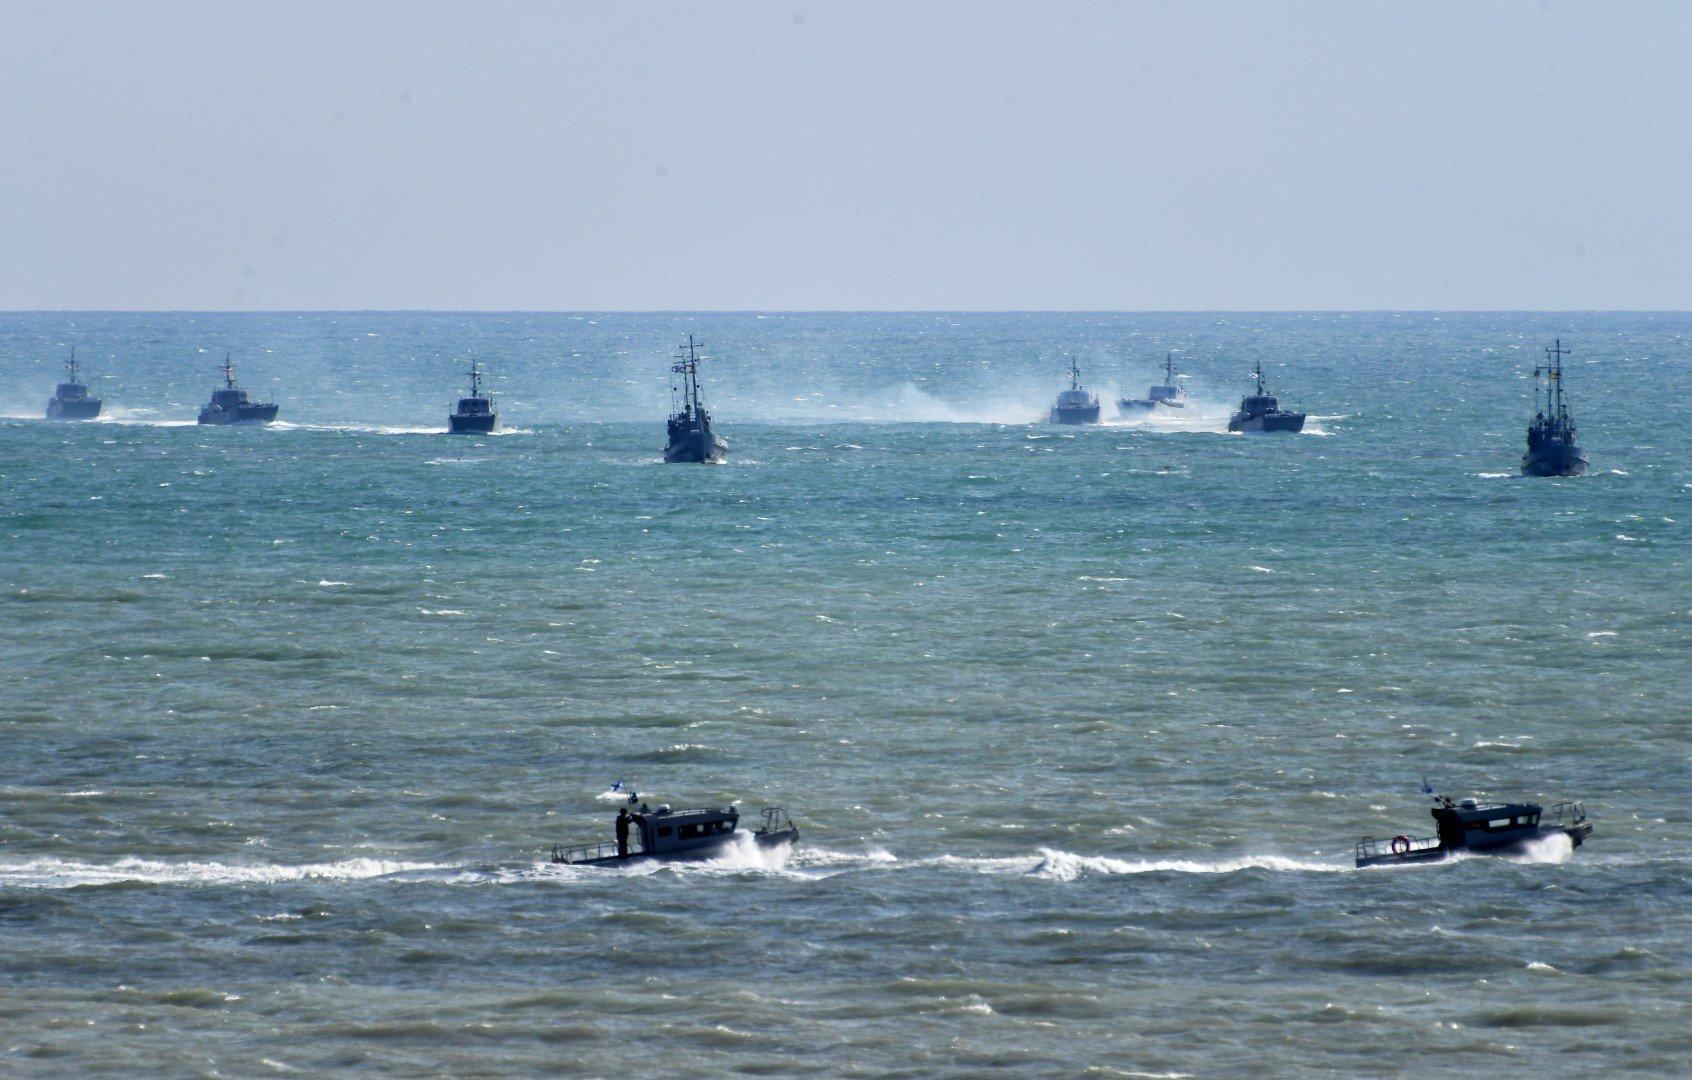 Caspian flotilla landing 3